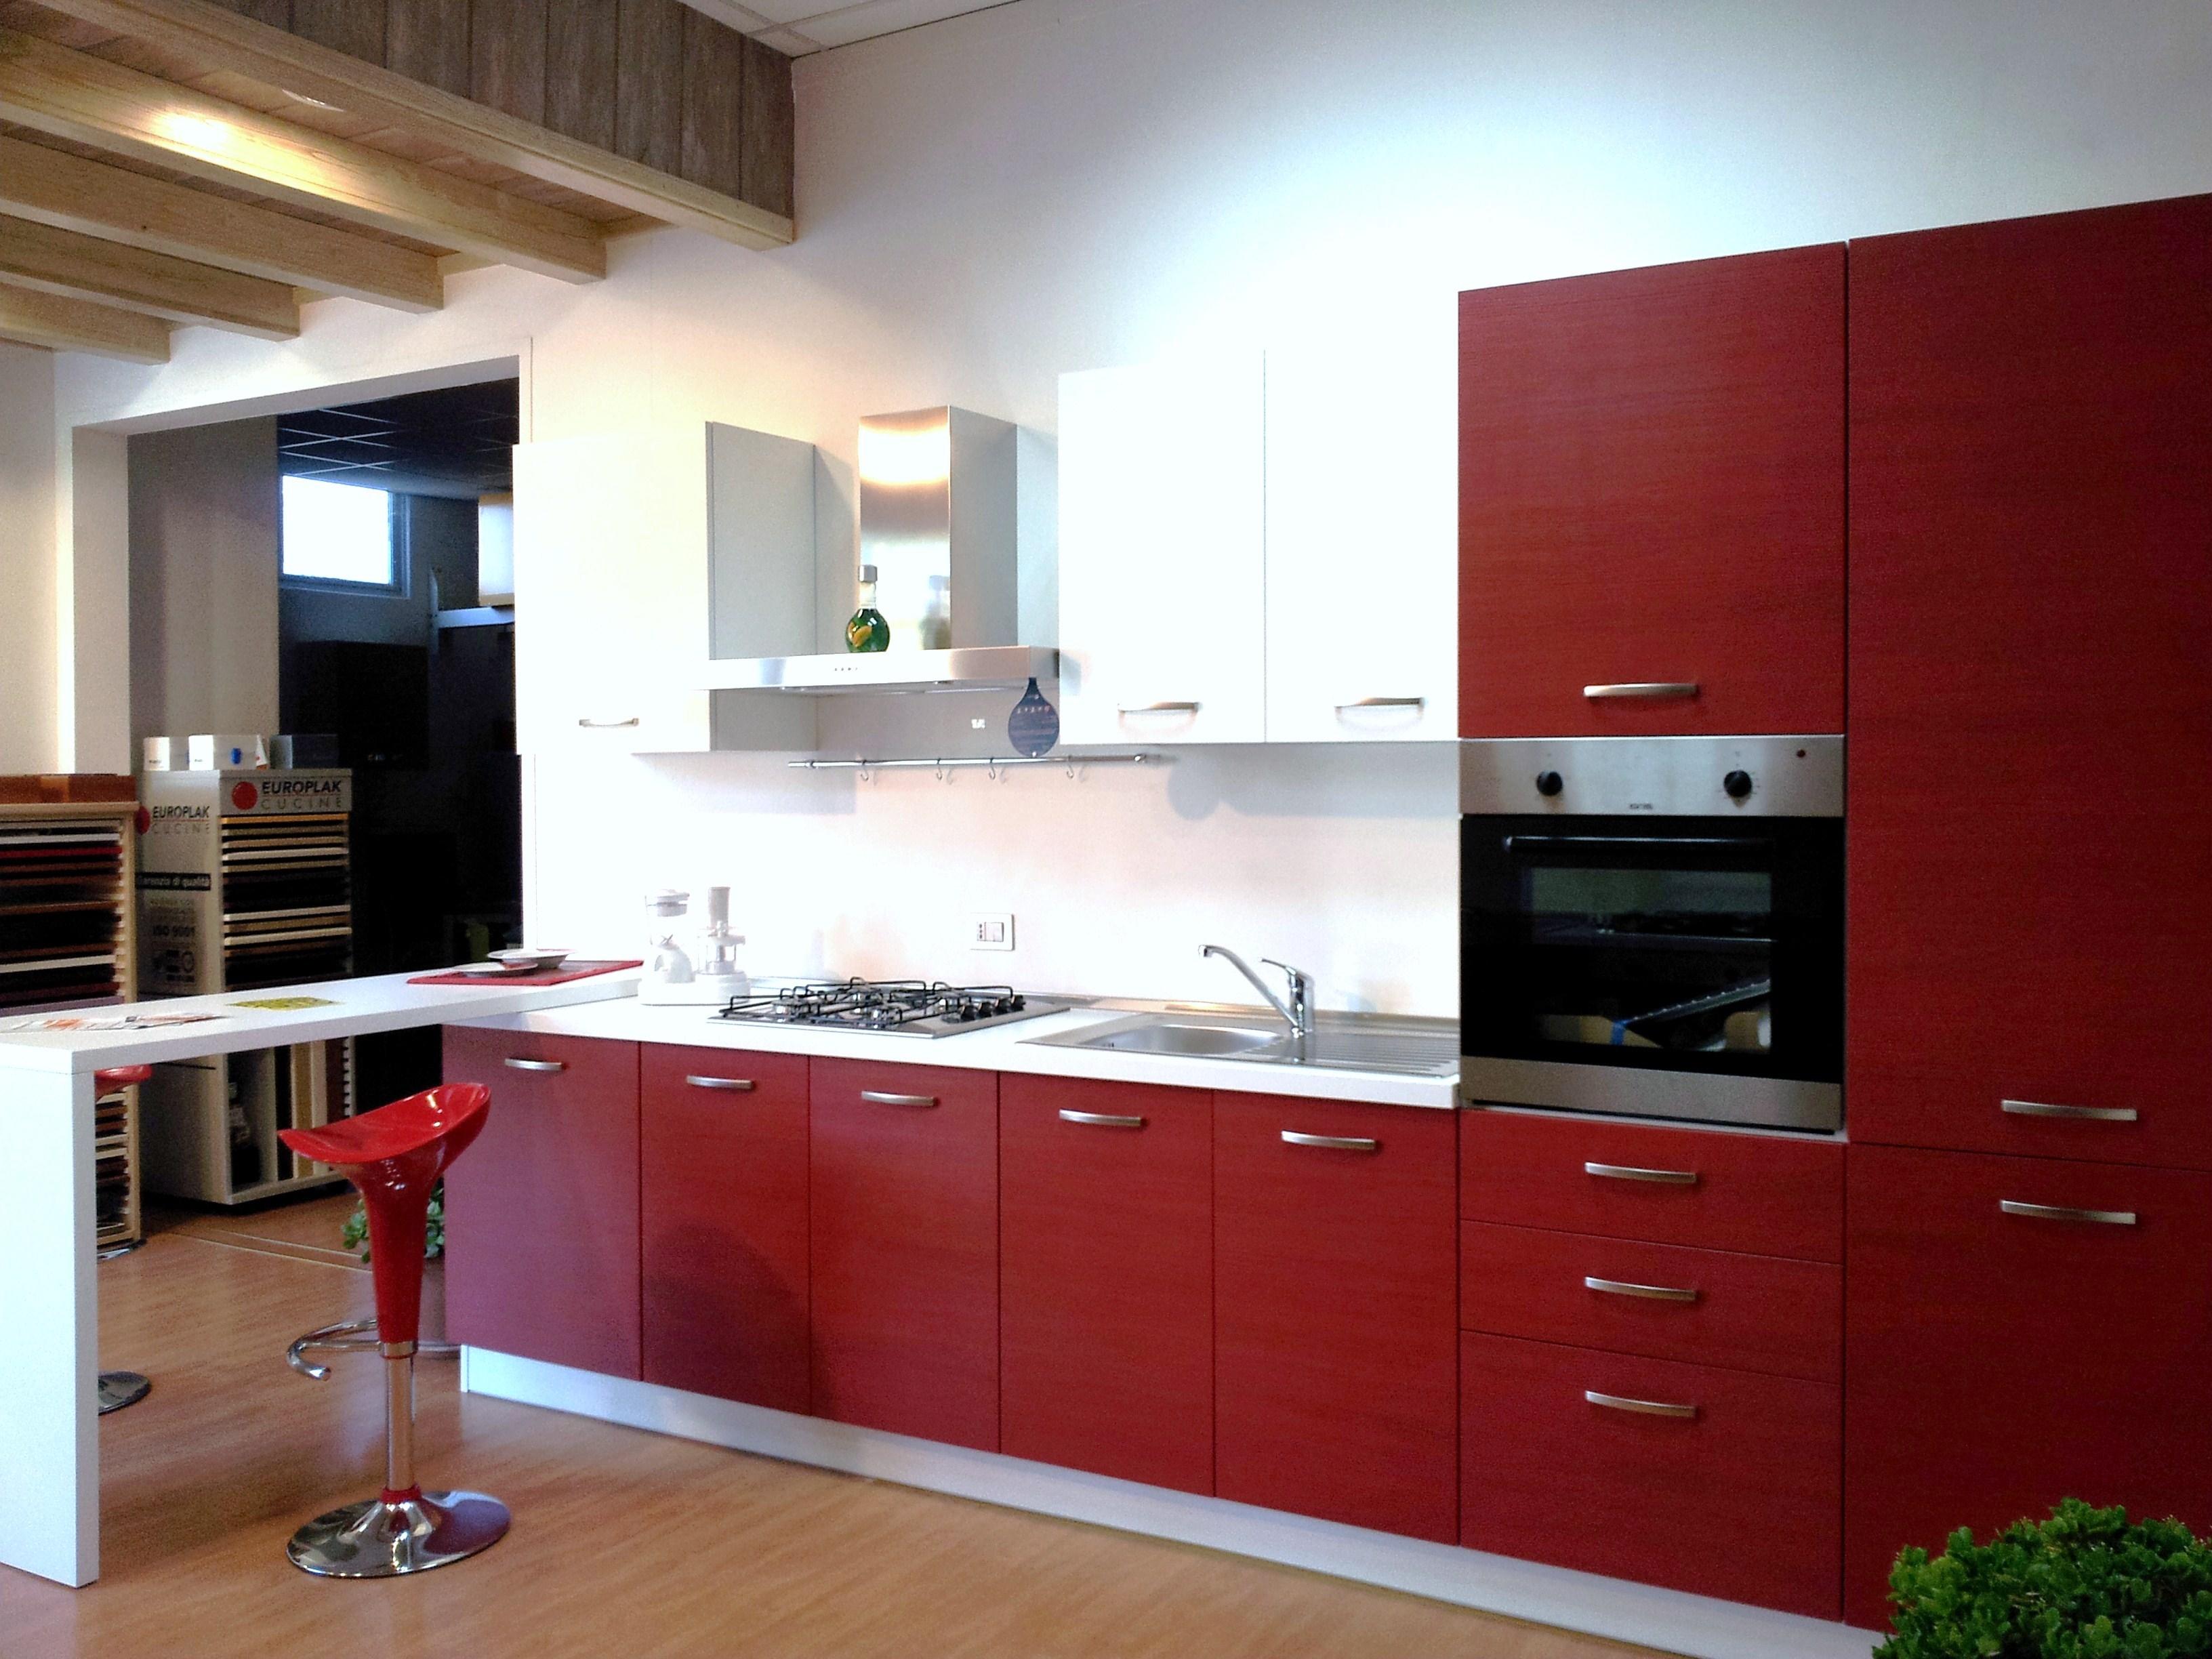 Cucina moderna con penisola cucine a prezzi scontati - Cucine ikea con penisola ...